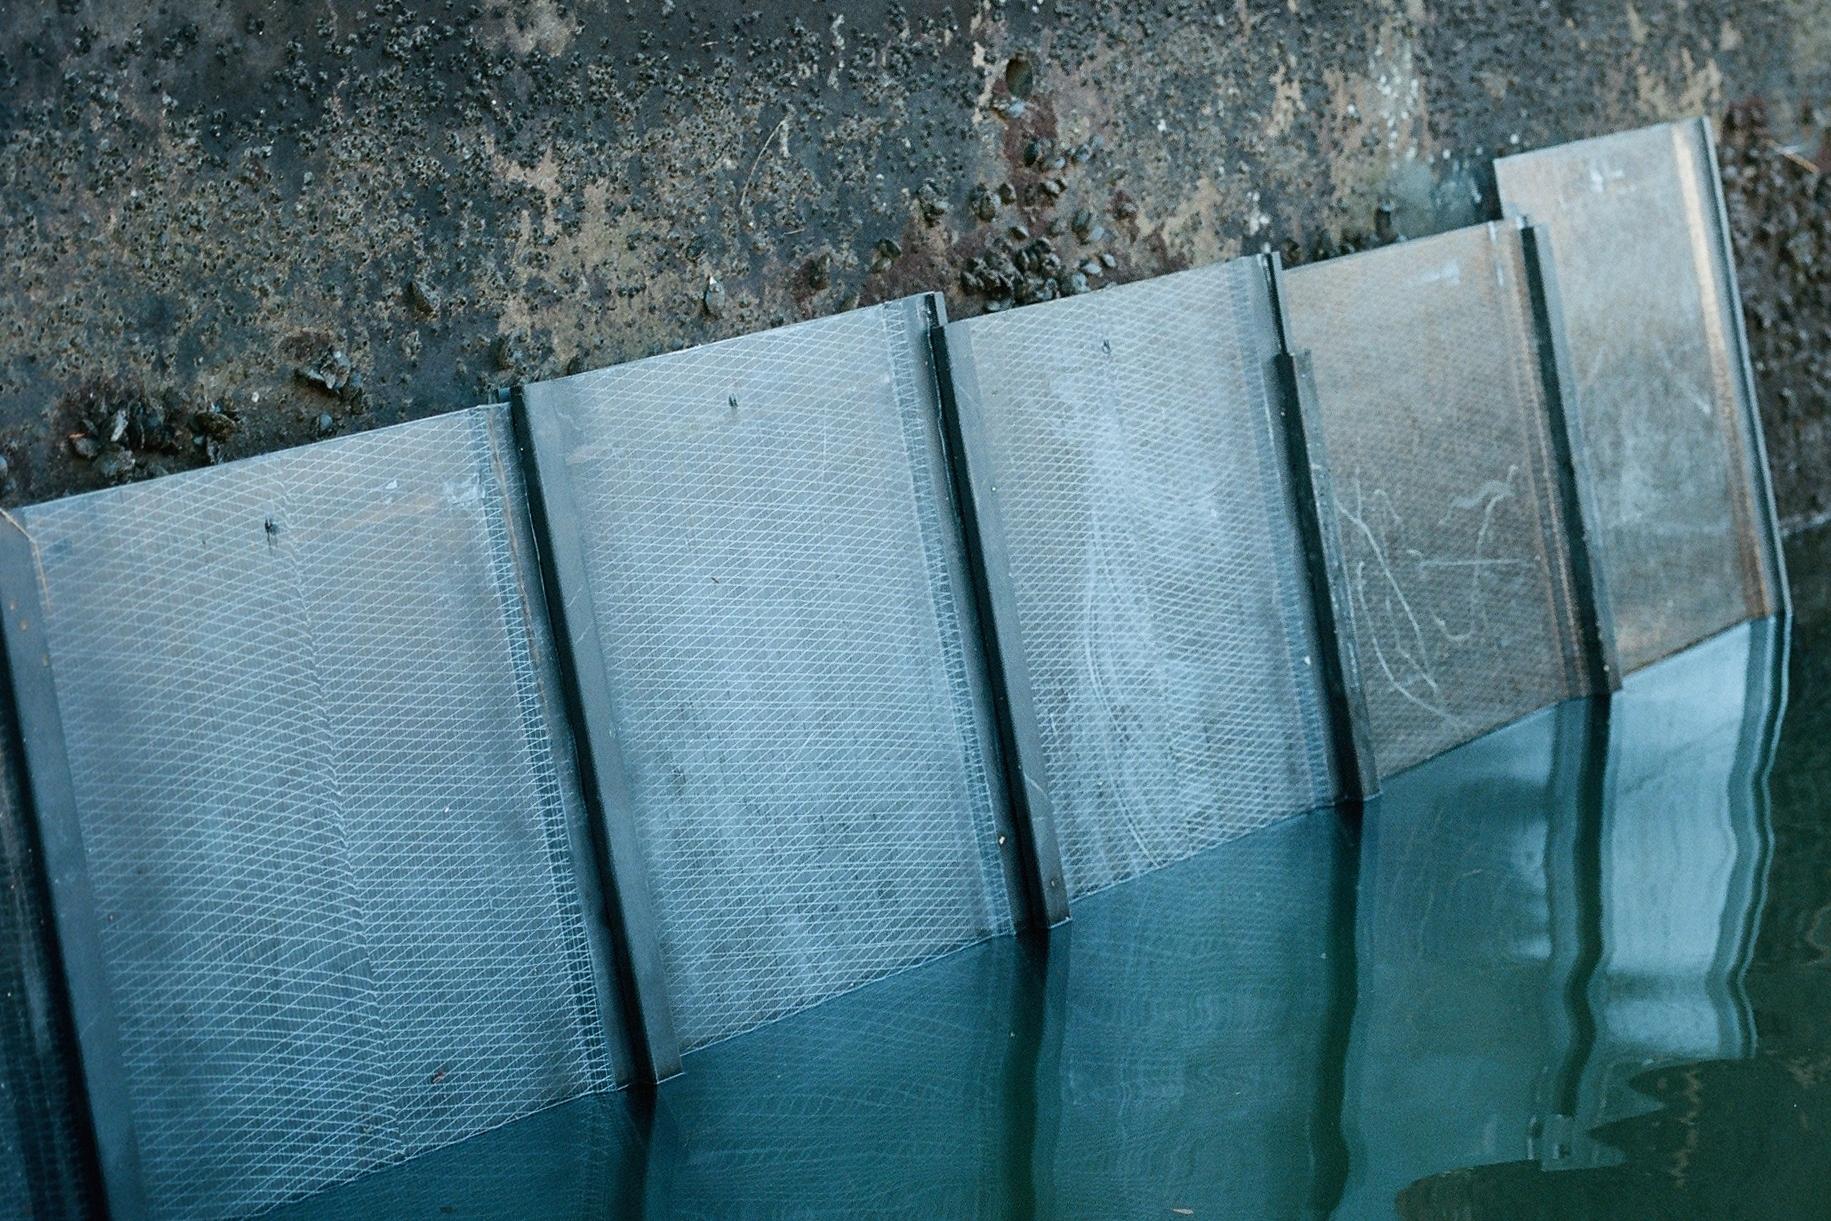 seawall-panels-2.jpg